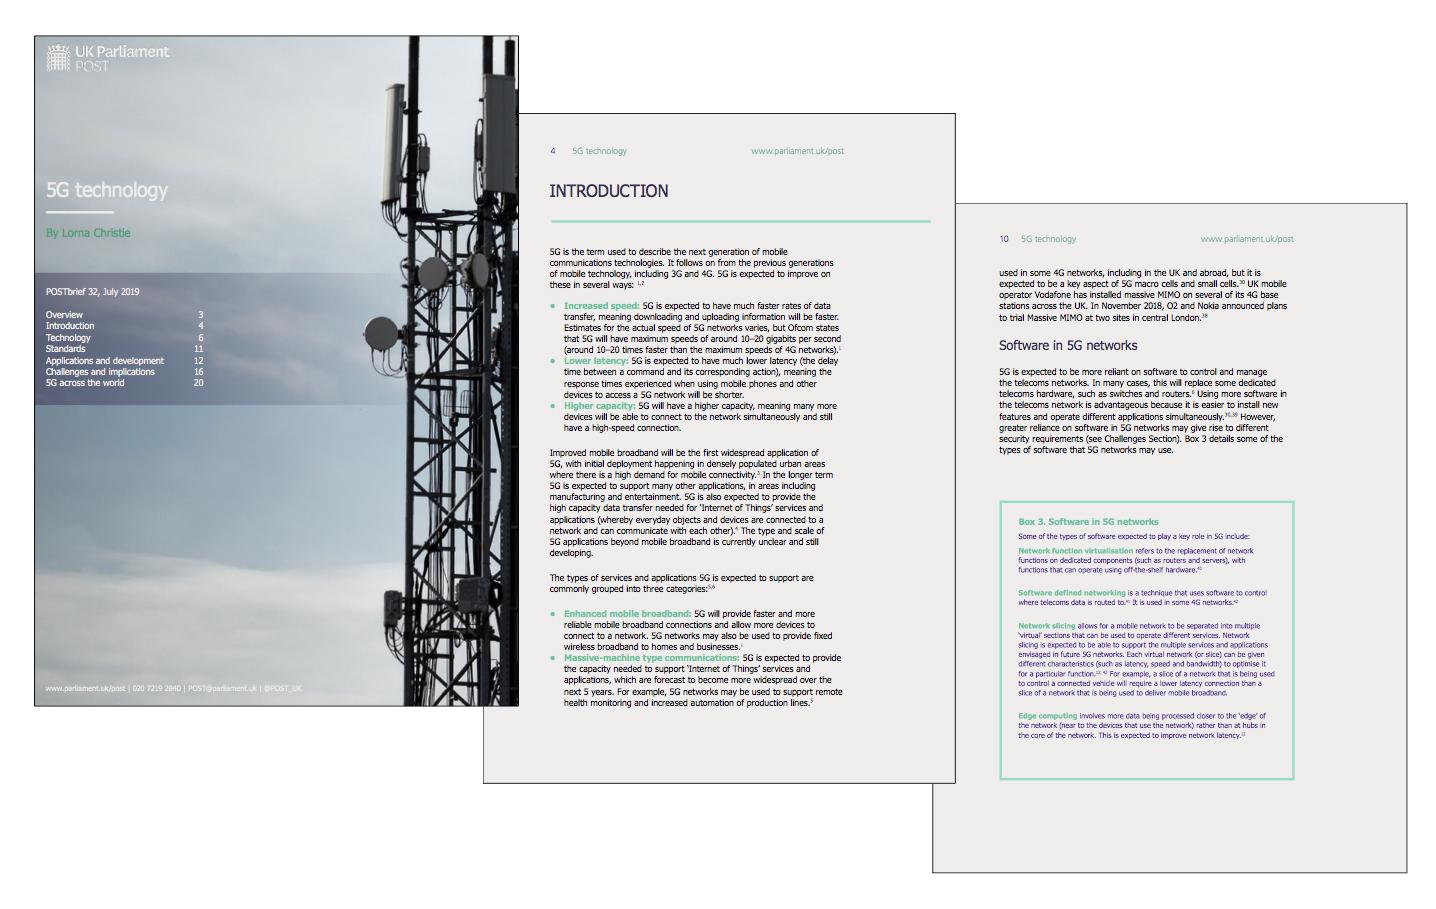 alcune pagine del research briefing sul 5G redatto dal POST